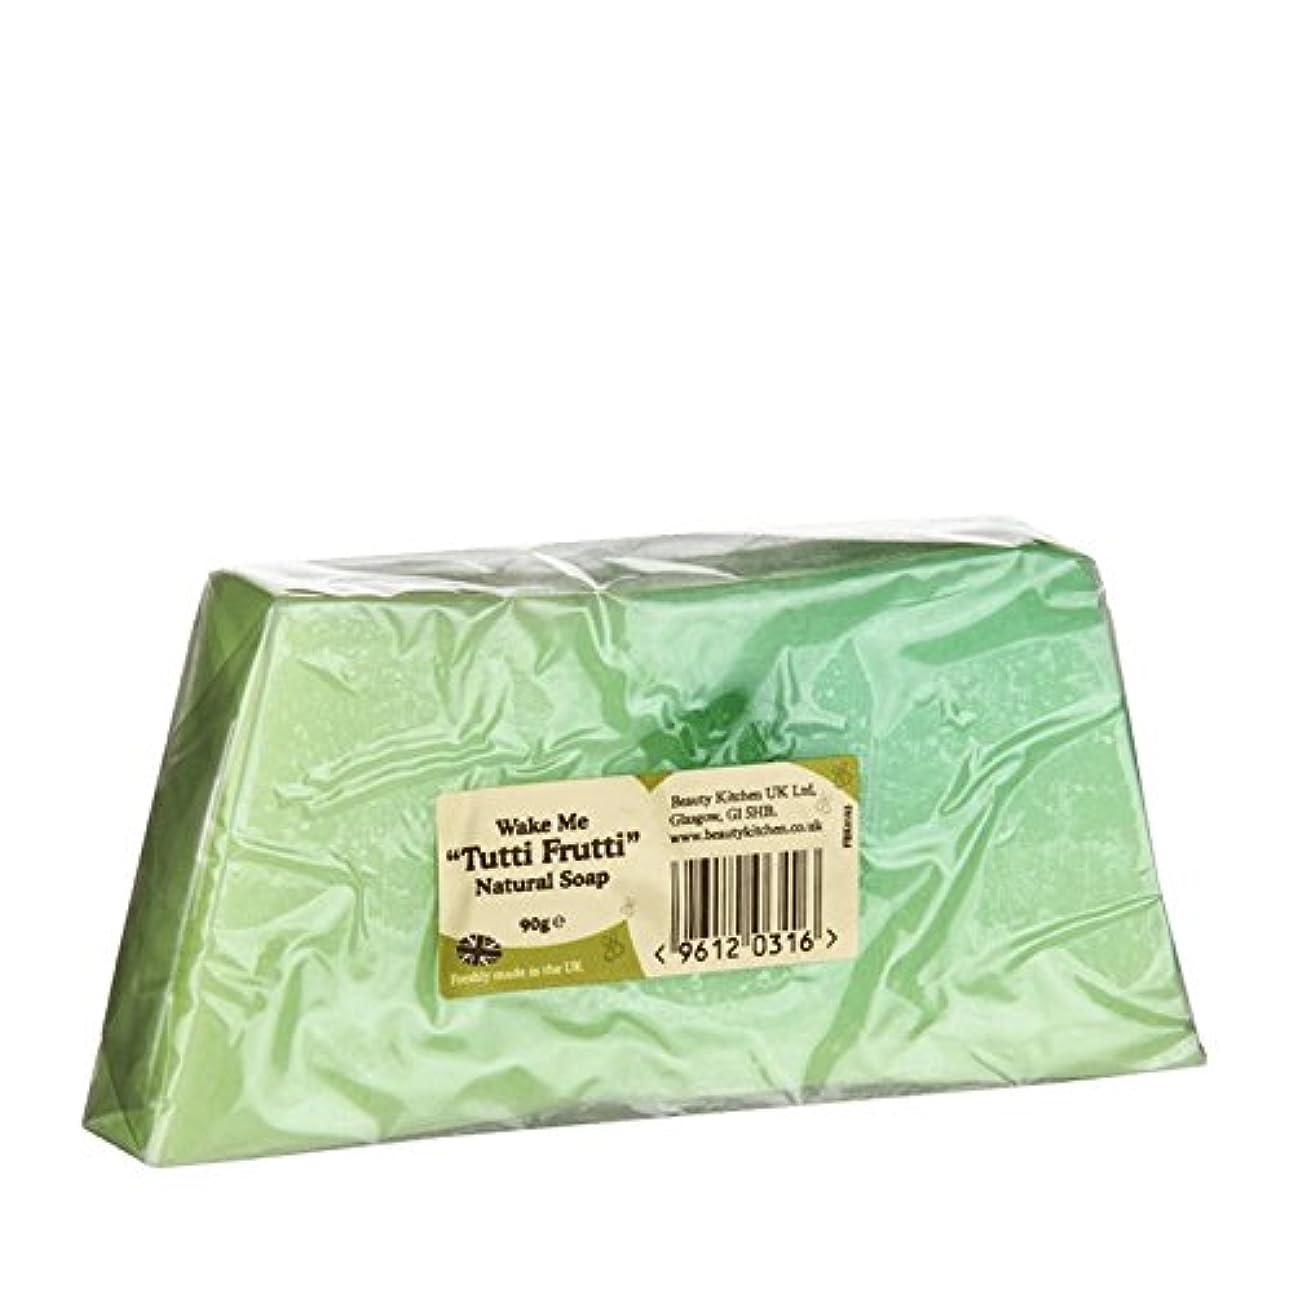 モード称賛ヘルメットBeauty Kitchen Wake Me Tutti Frutti Natural Soap 90g (Pack of 6) - 美しさのキッチンは私トゥッティフルッティの天然石鹸90グラムウェイク (x6) [並行輸入品]